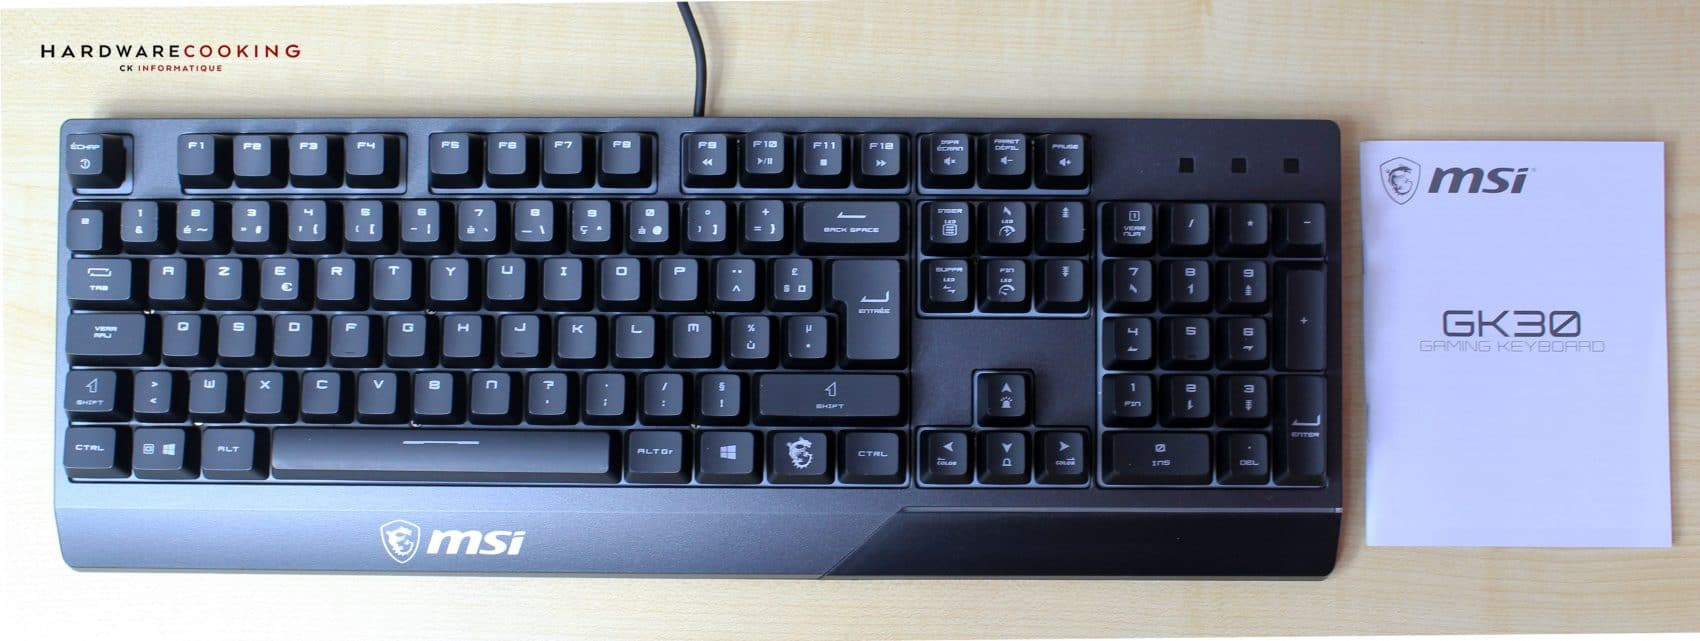 Vigor GK30 Combo clavier face avant